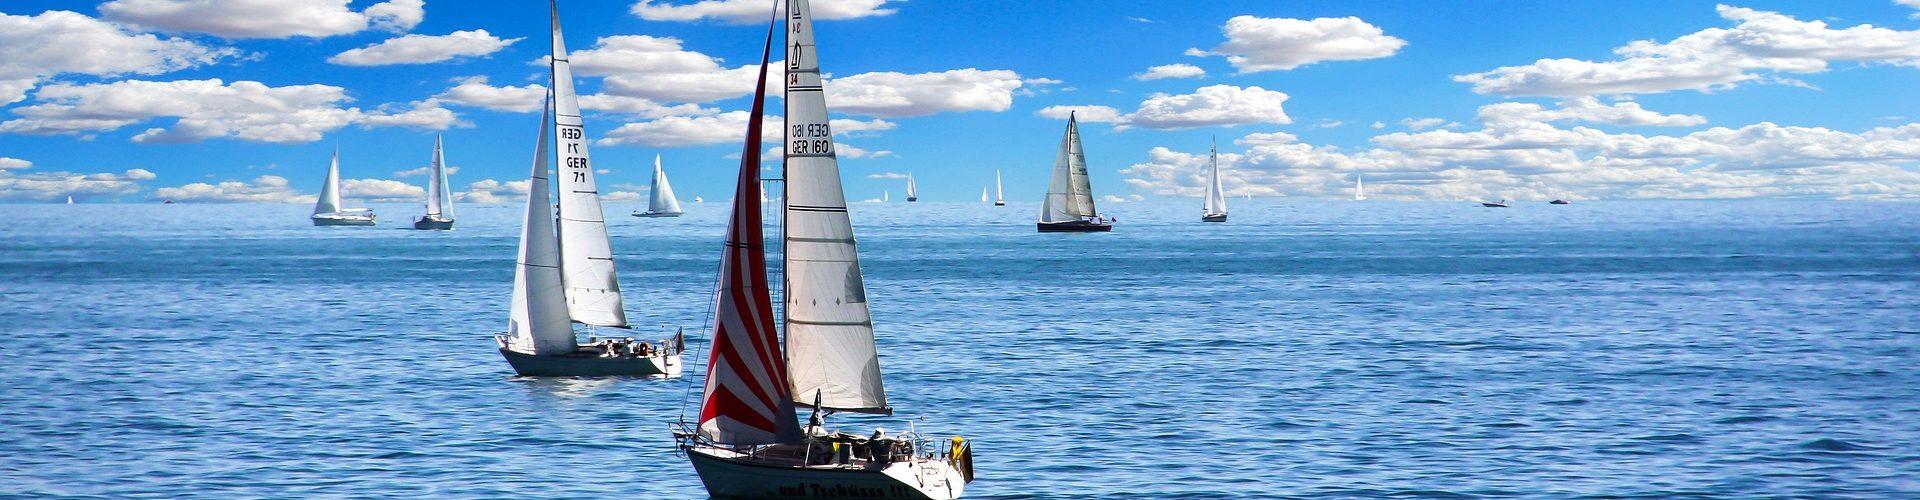 segeln lernen in Müllrose segelschein machen in Müllrose 1920x500 - Segeln lernen in Müllrose